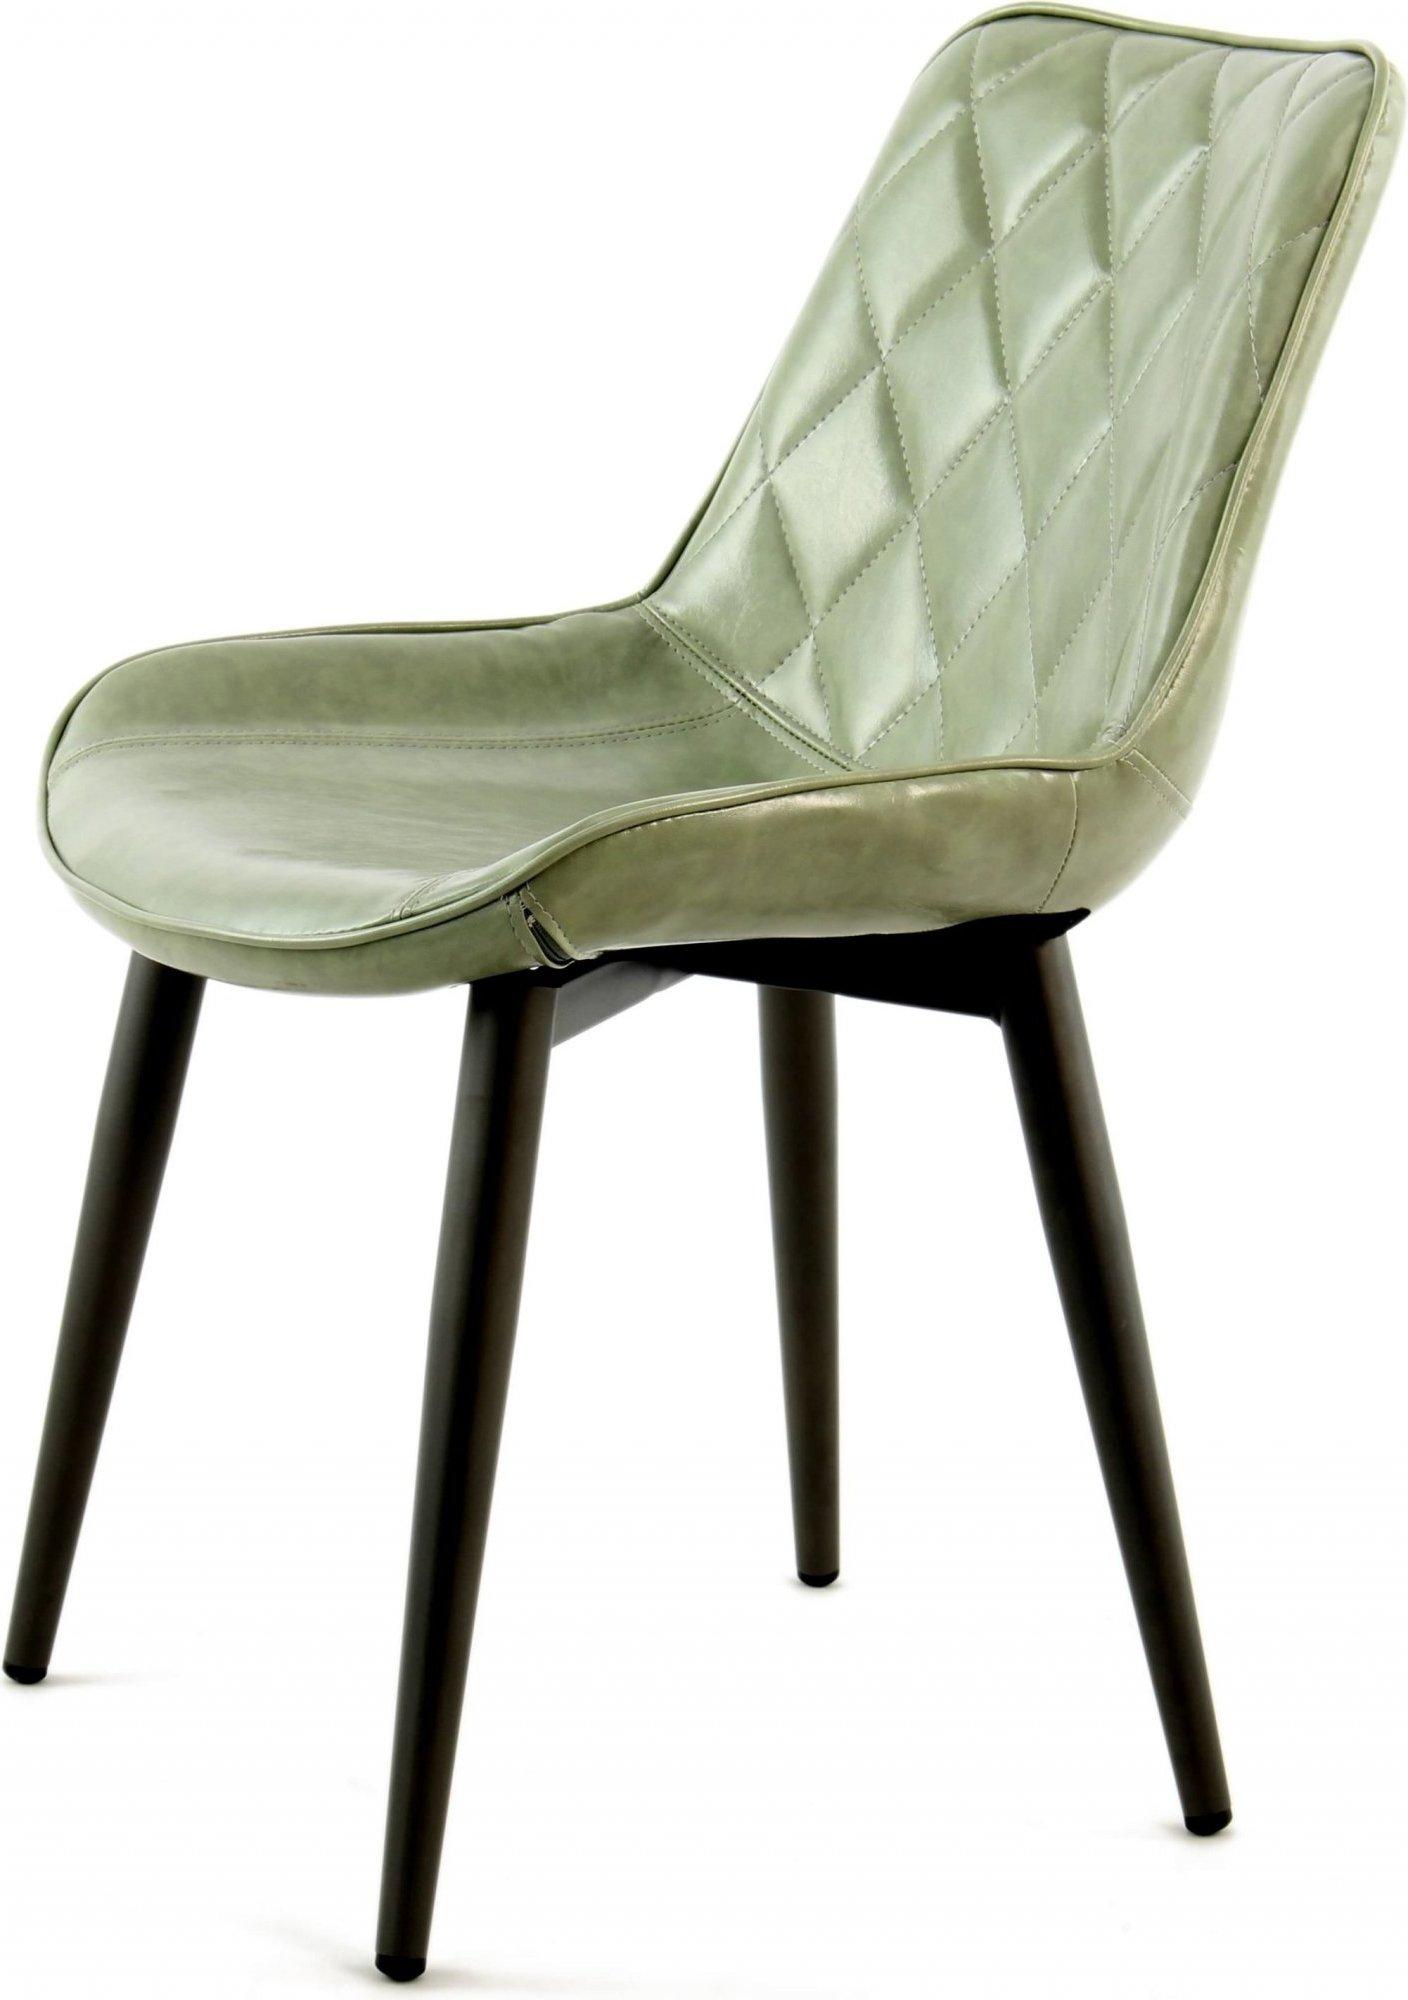 Chaise design rembourrée imitation cuir vert pâle (lot de 2)